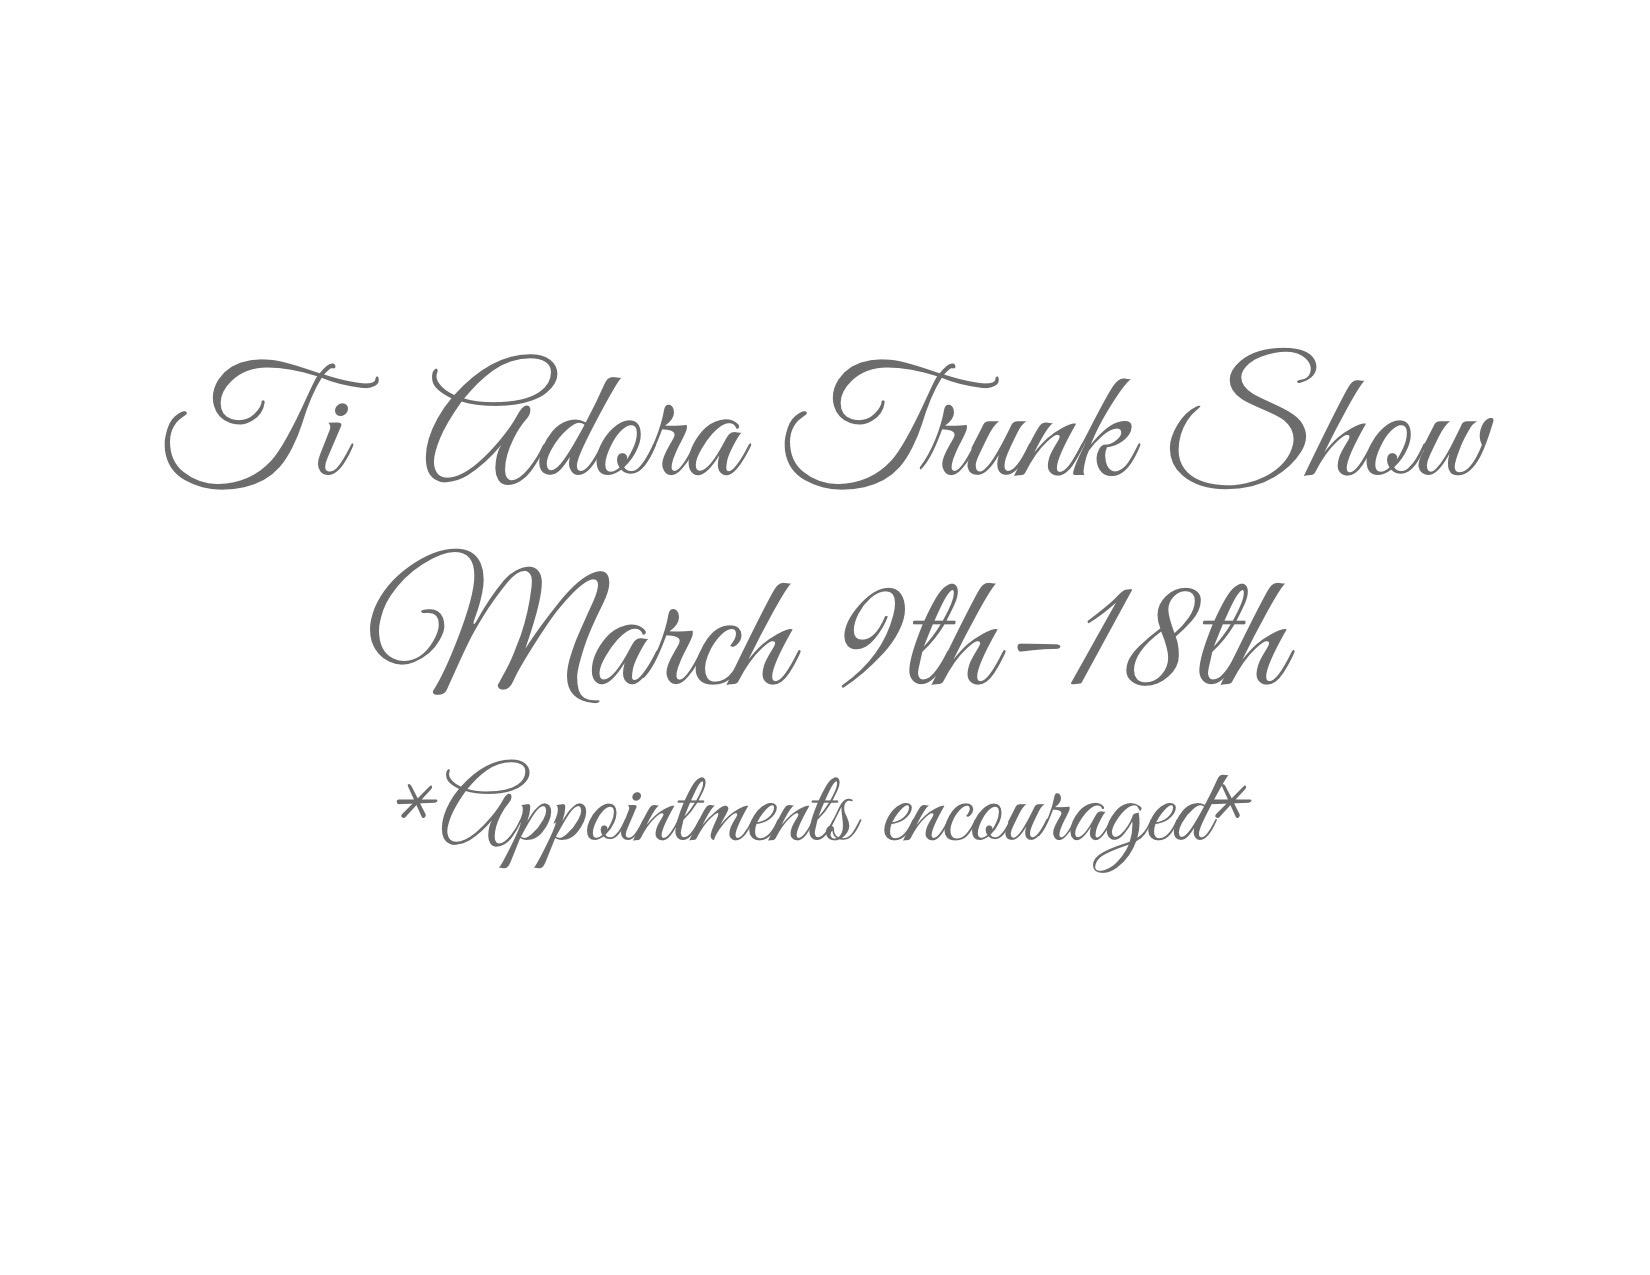 trunkshow website